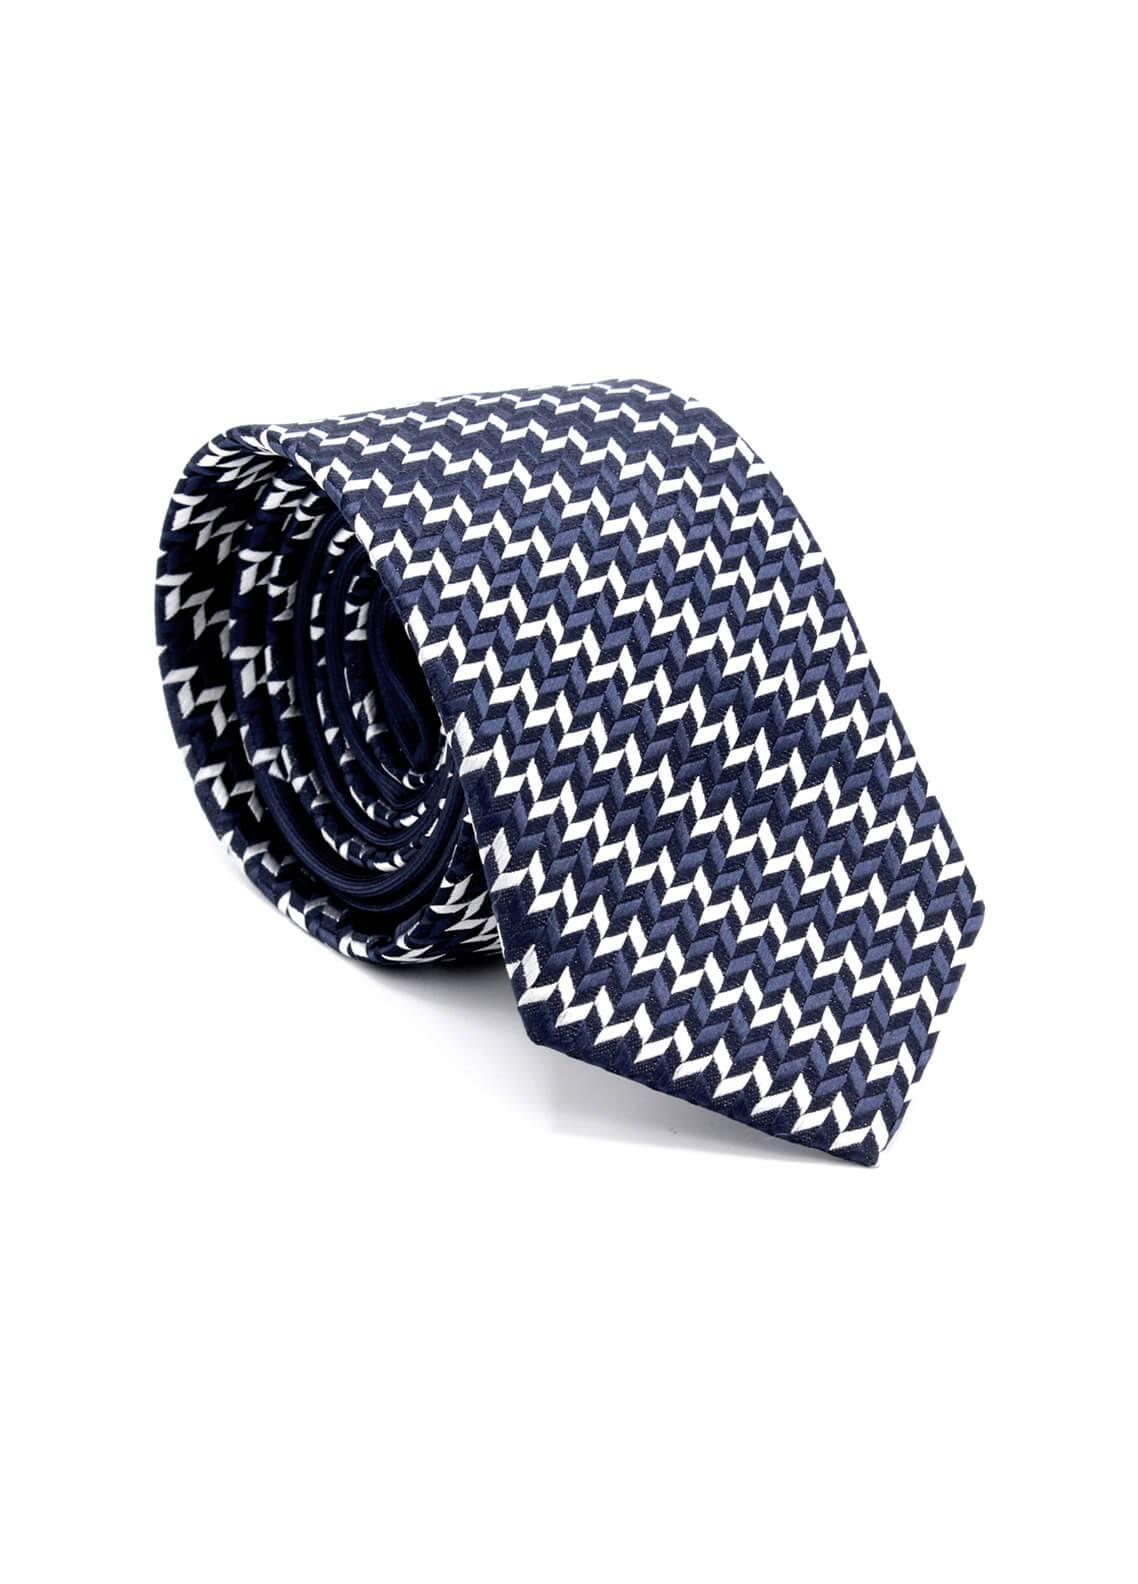 Skangen Multi-Patterned Wool Neck Tie Neck Tie SKTI-S-012 -